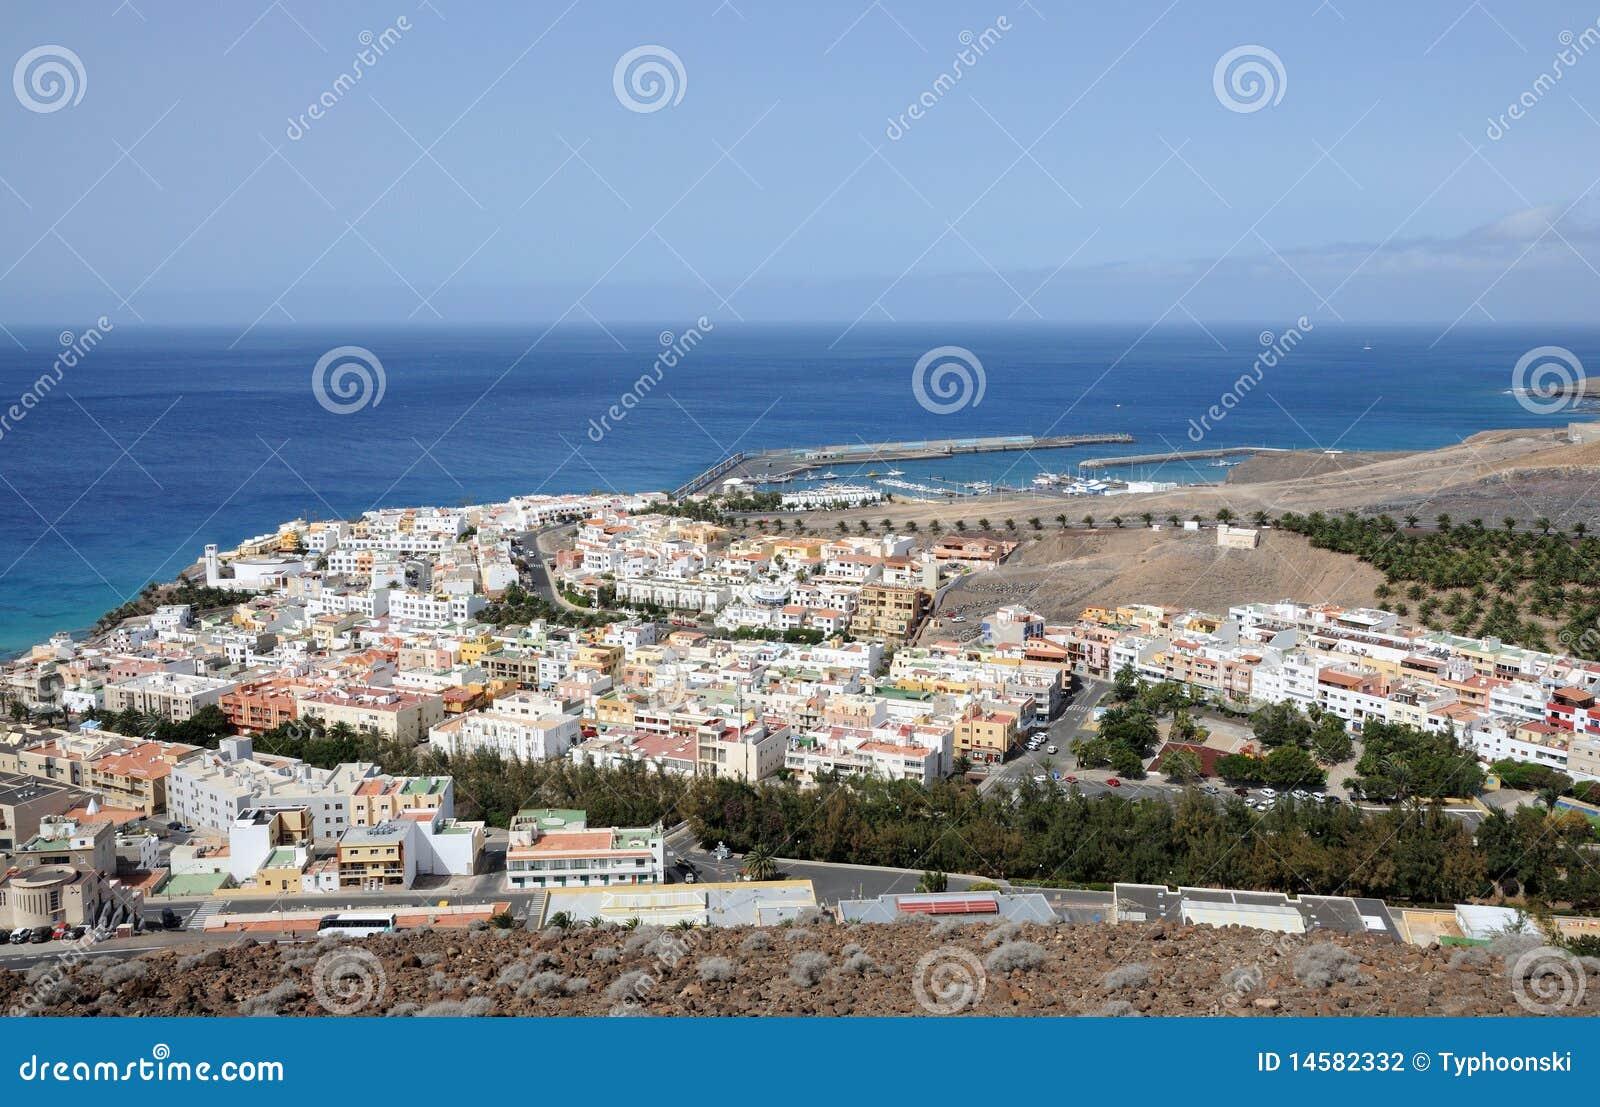 Town Morro Jable, Fuerteventura